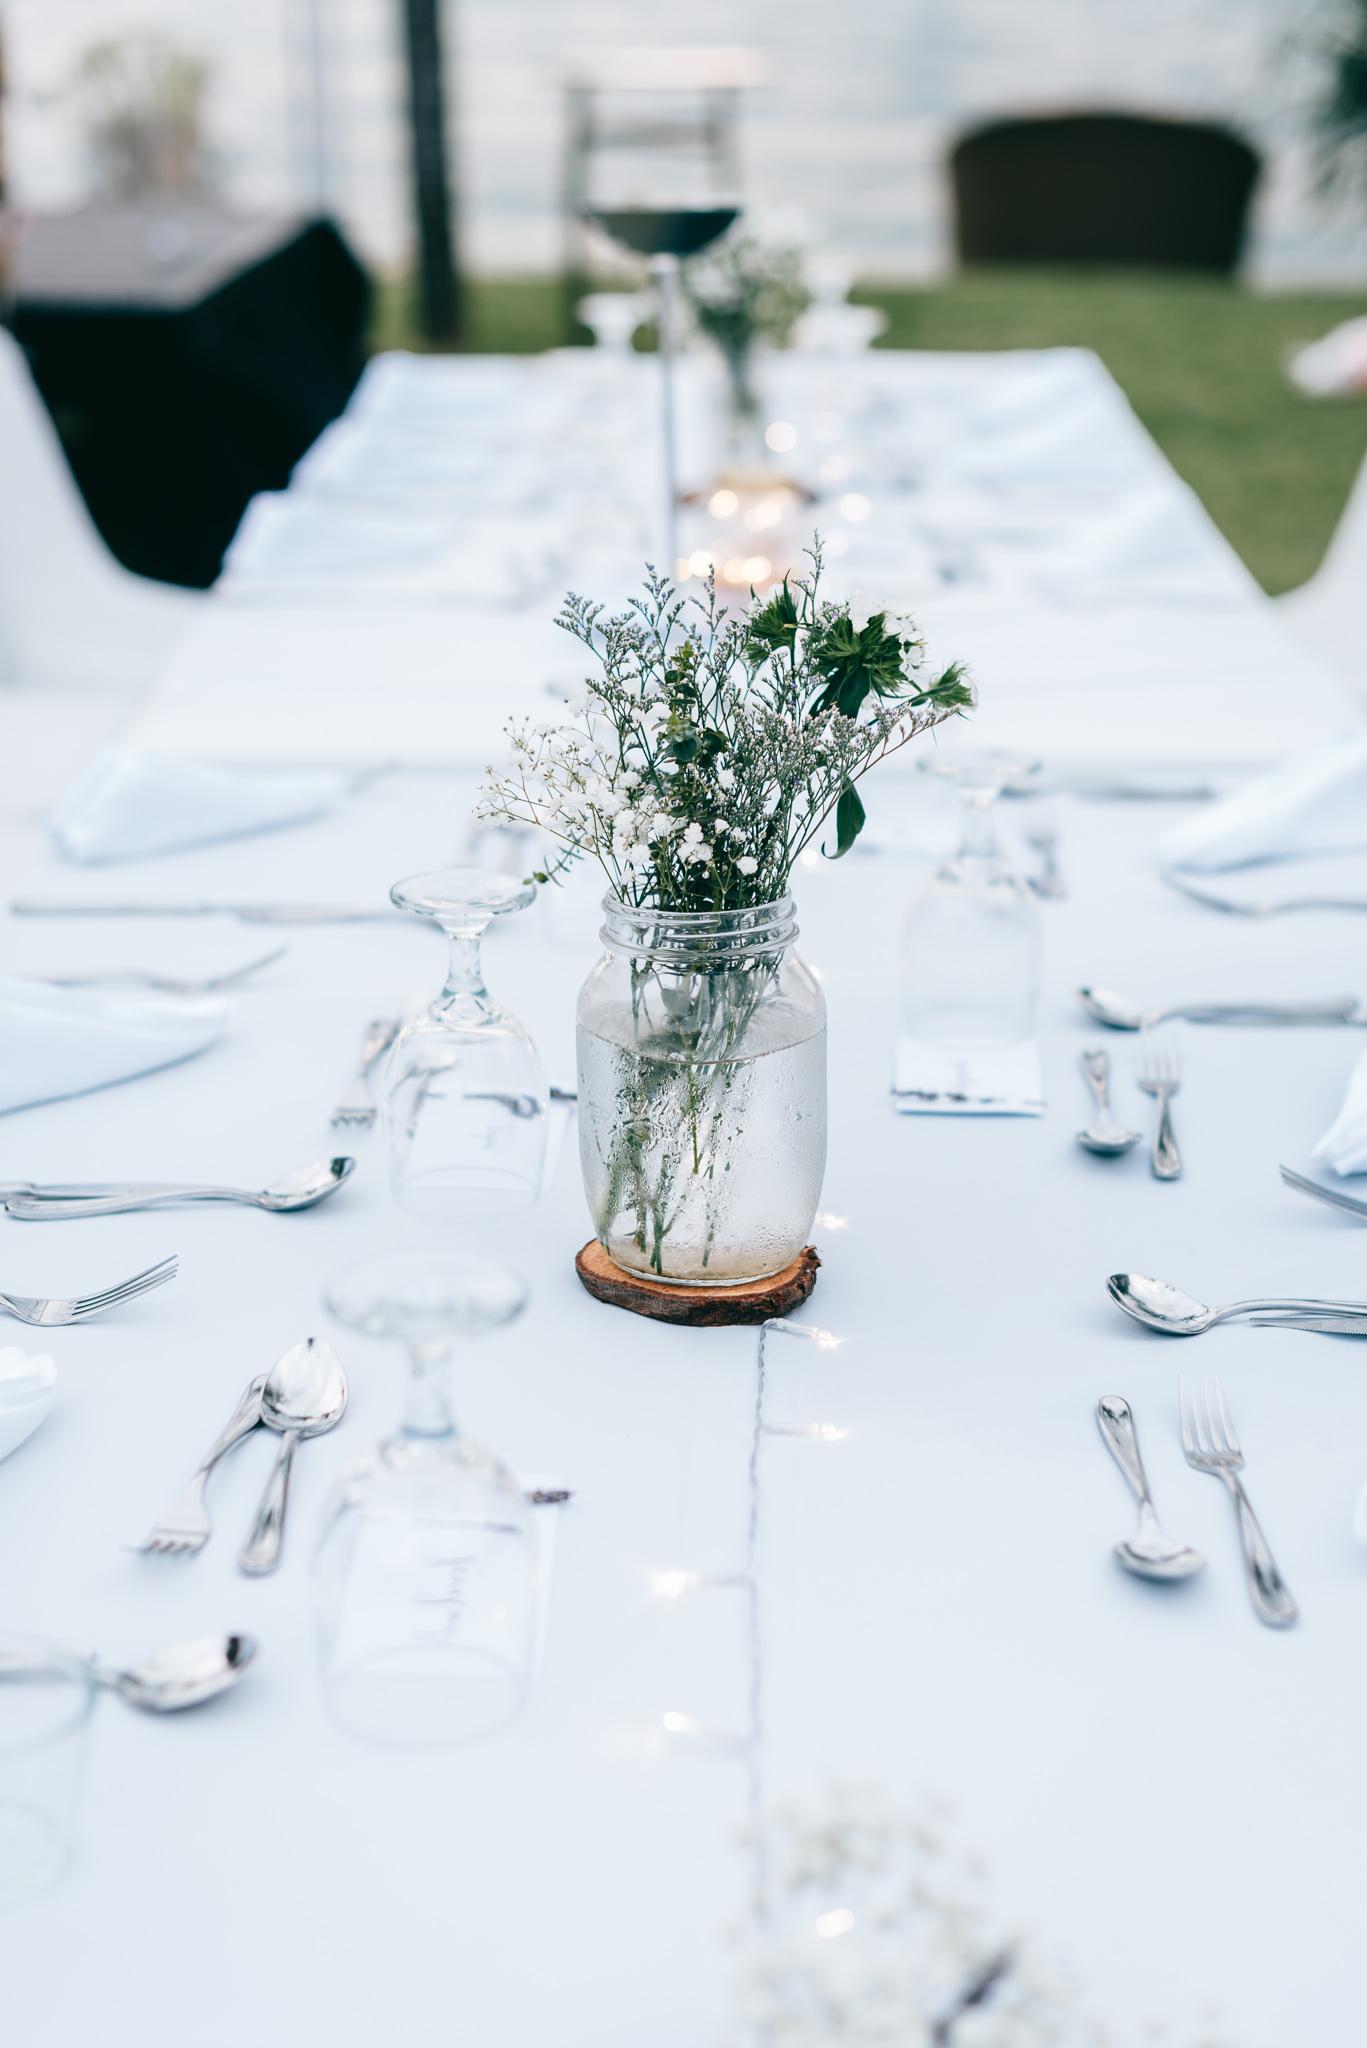 Lionel & Karen Wedding Day Highlights (resized for sharing) - 130.jpg